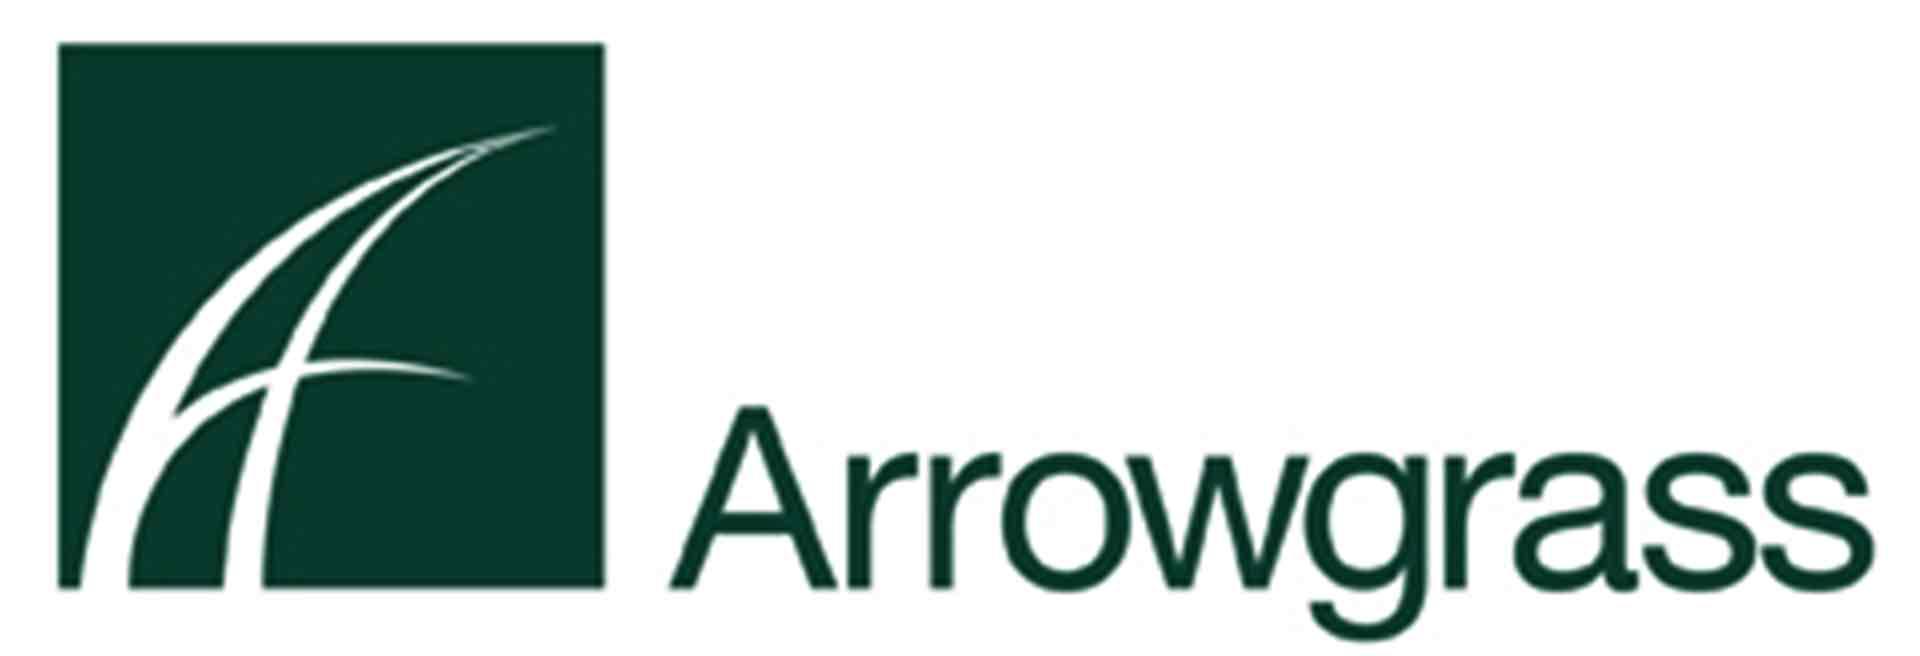 Arrowgrass Logo.jpeg